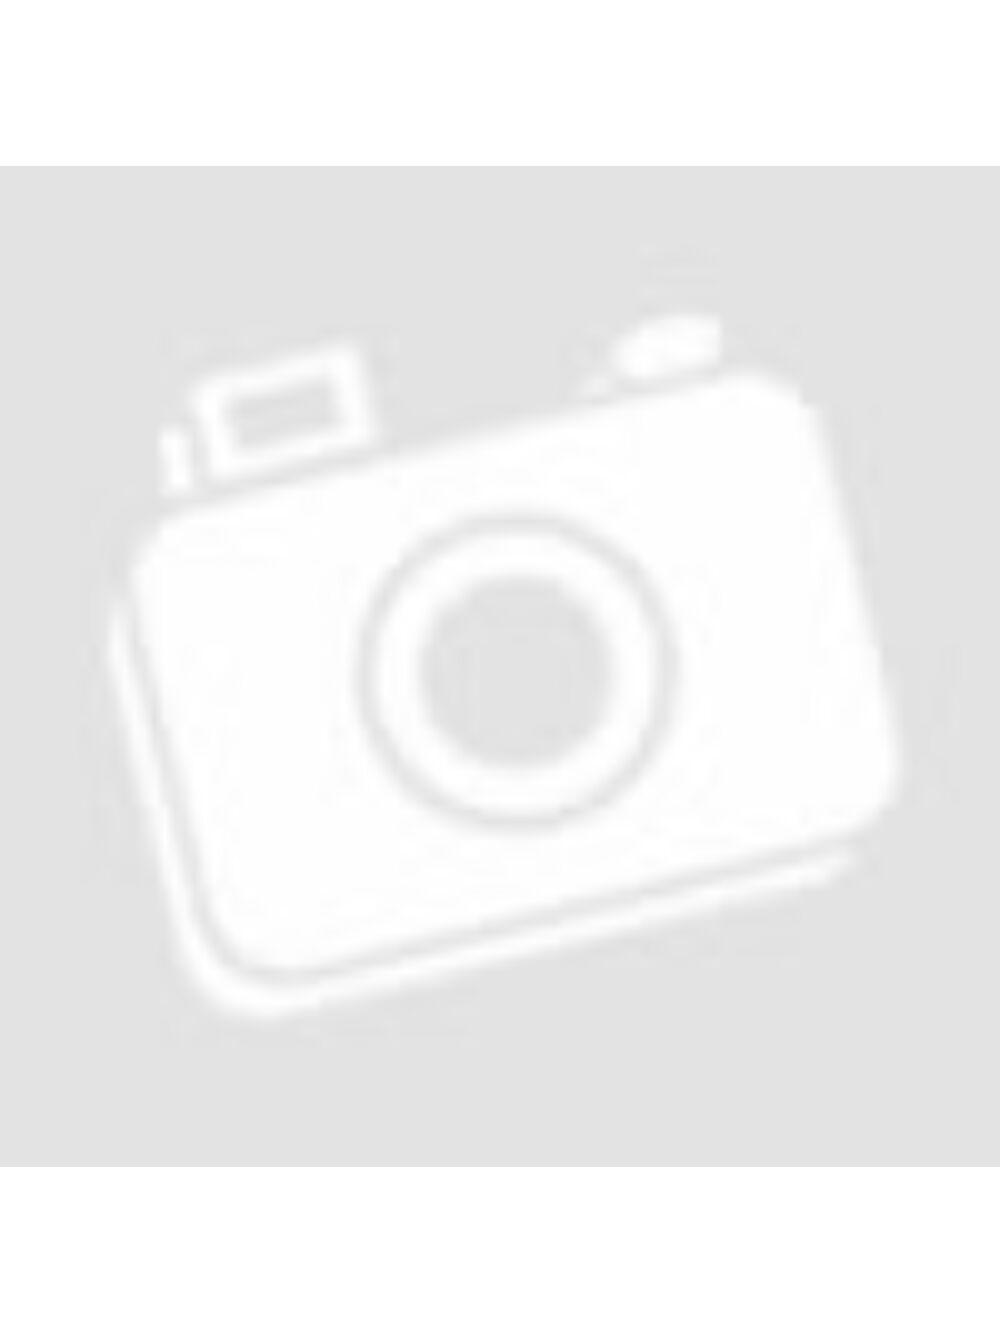 Gyöngy pasztel 25mm - Világos lila